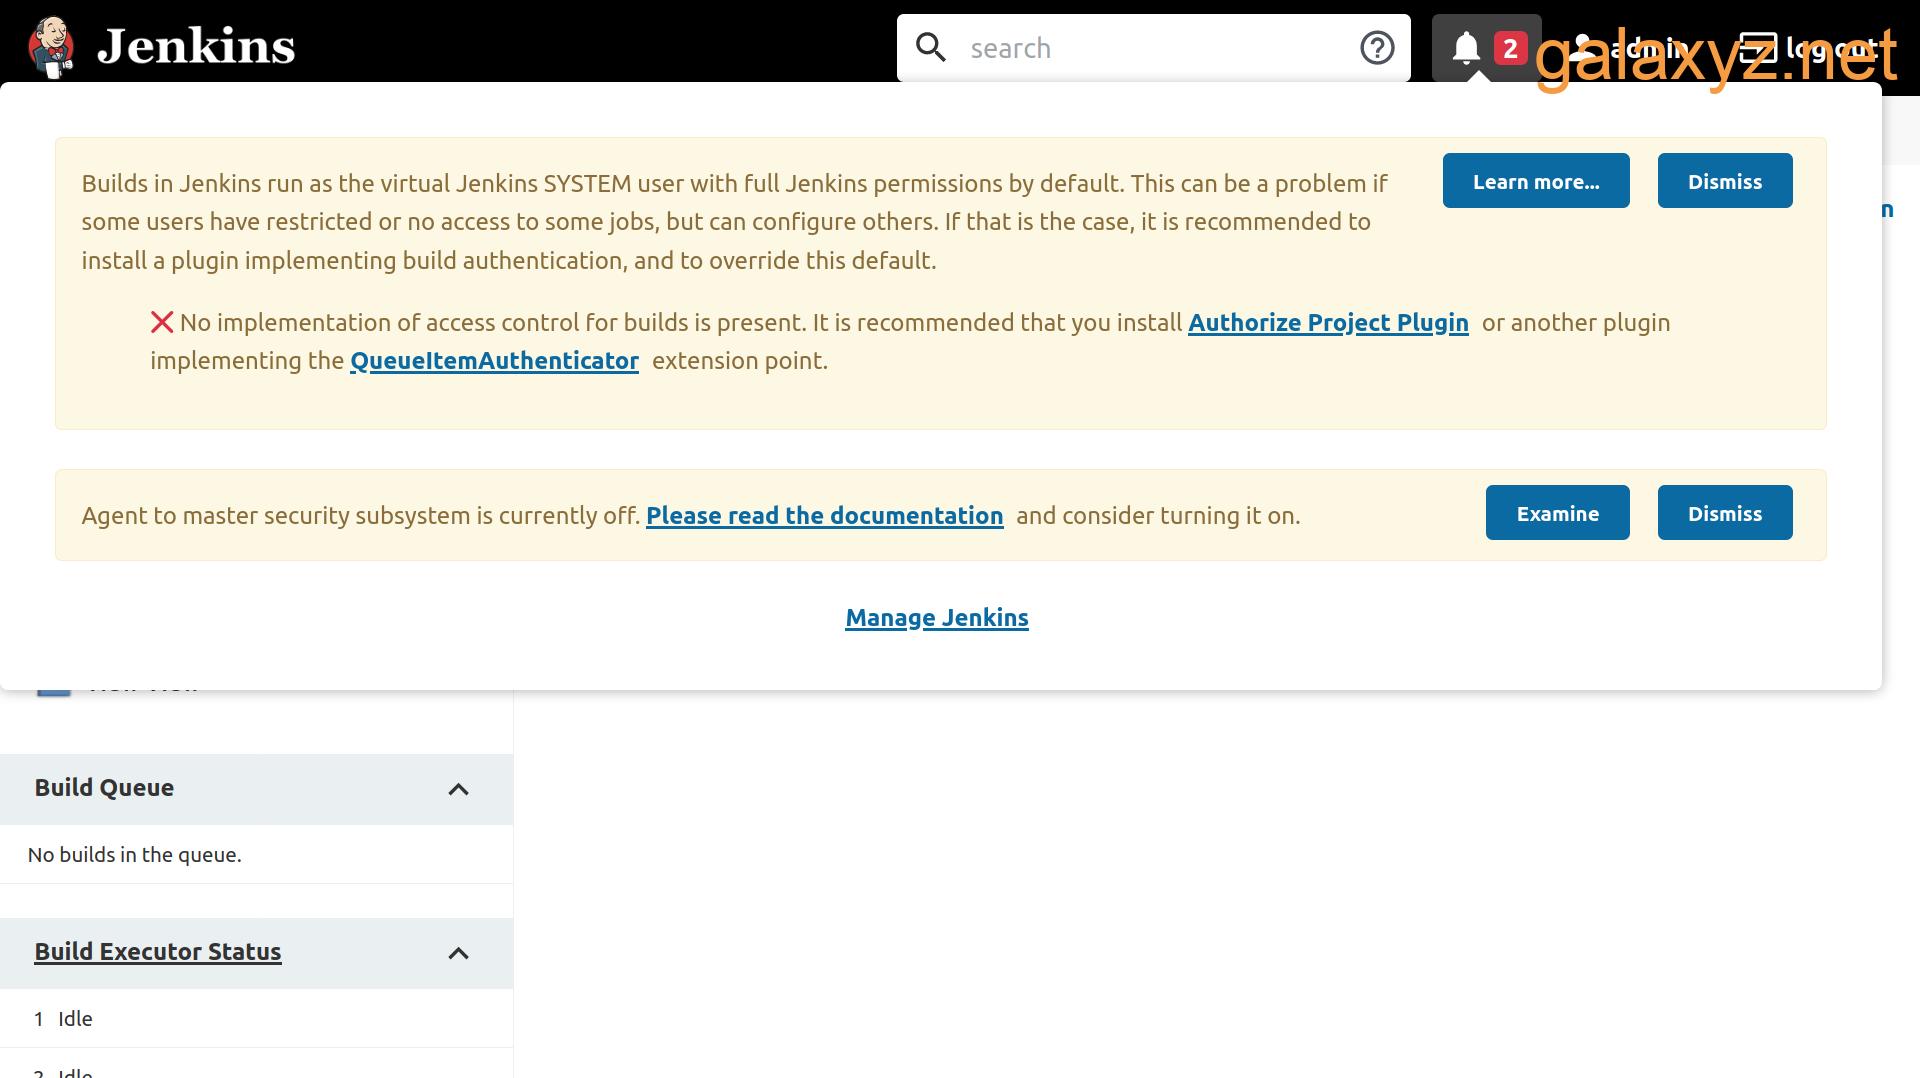 Trang tổng quan Jenkins hiển thị menu thông báo có hai vấn đề